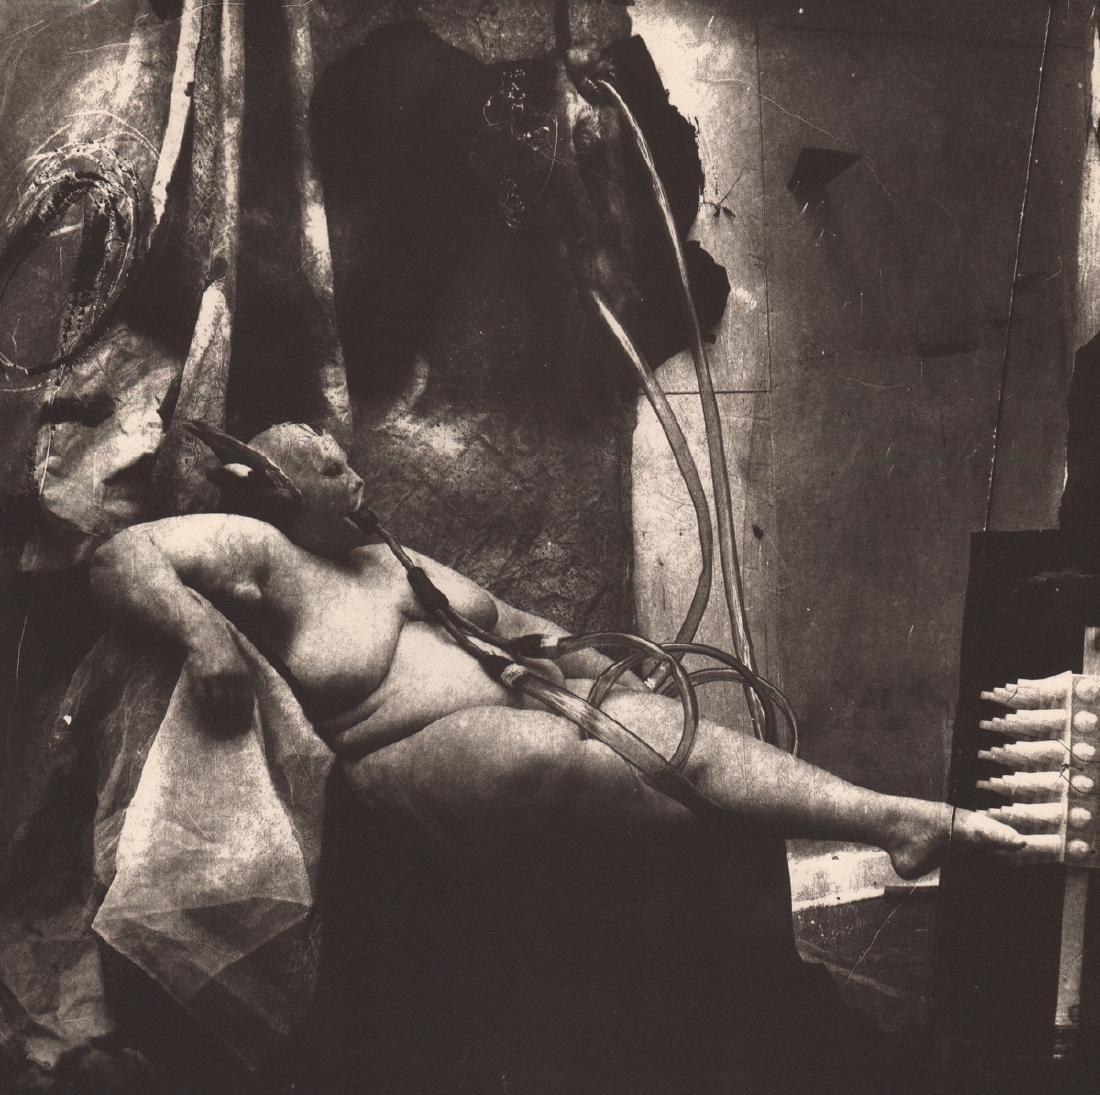 JOEL-PETER WITKIN - Sanitarium, 1983